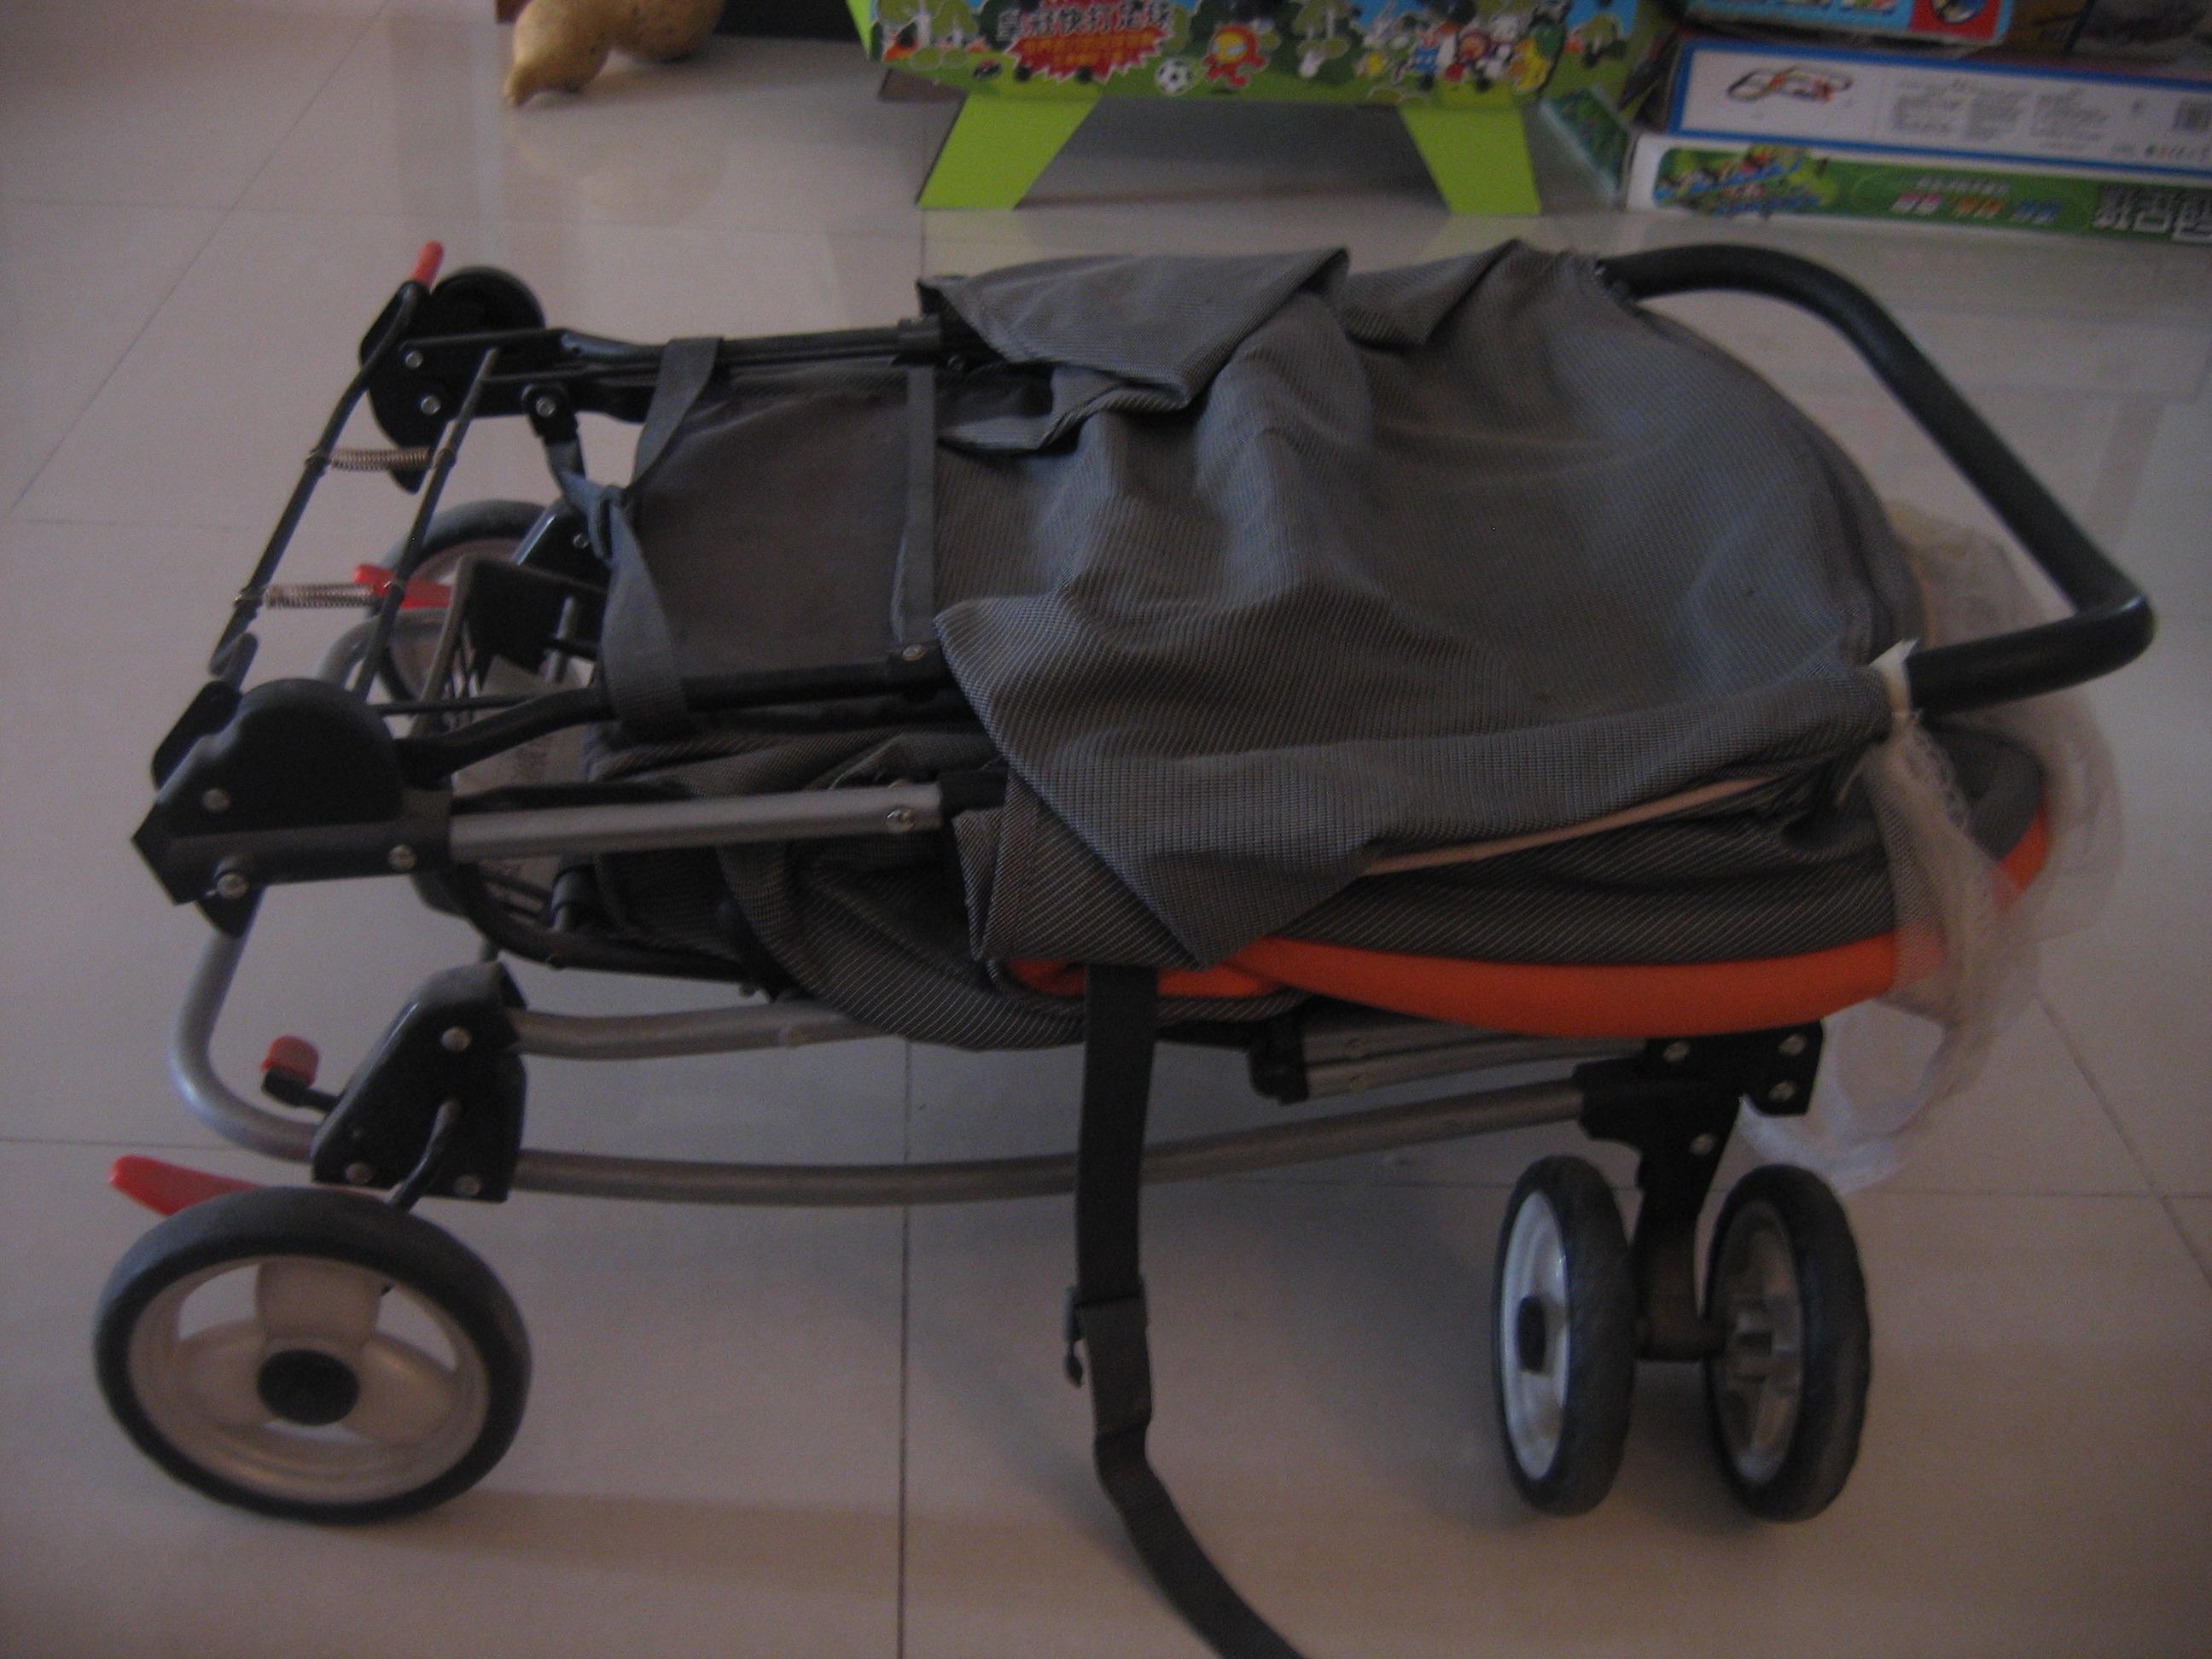 [9成新]好孩子婴儿车; 好孩子婴儿车折叠图图片大全下载;